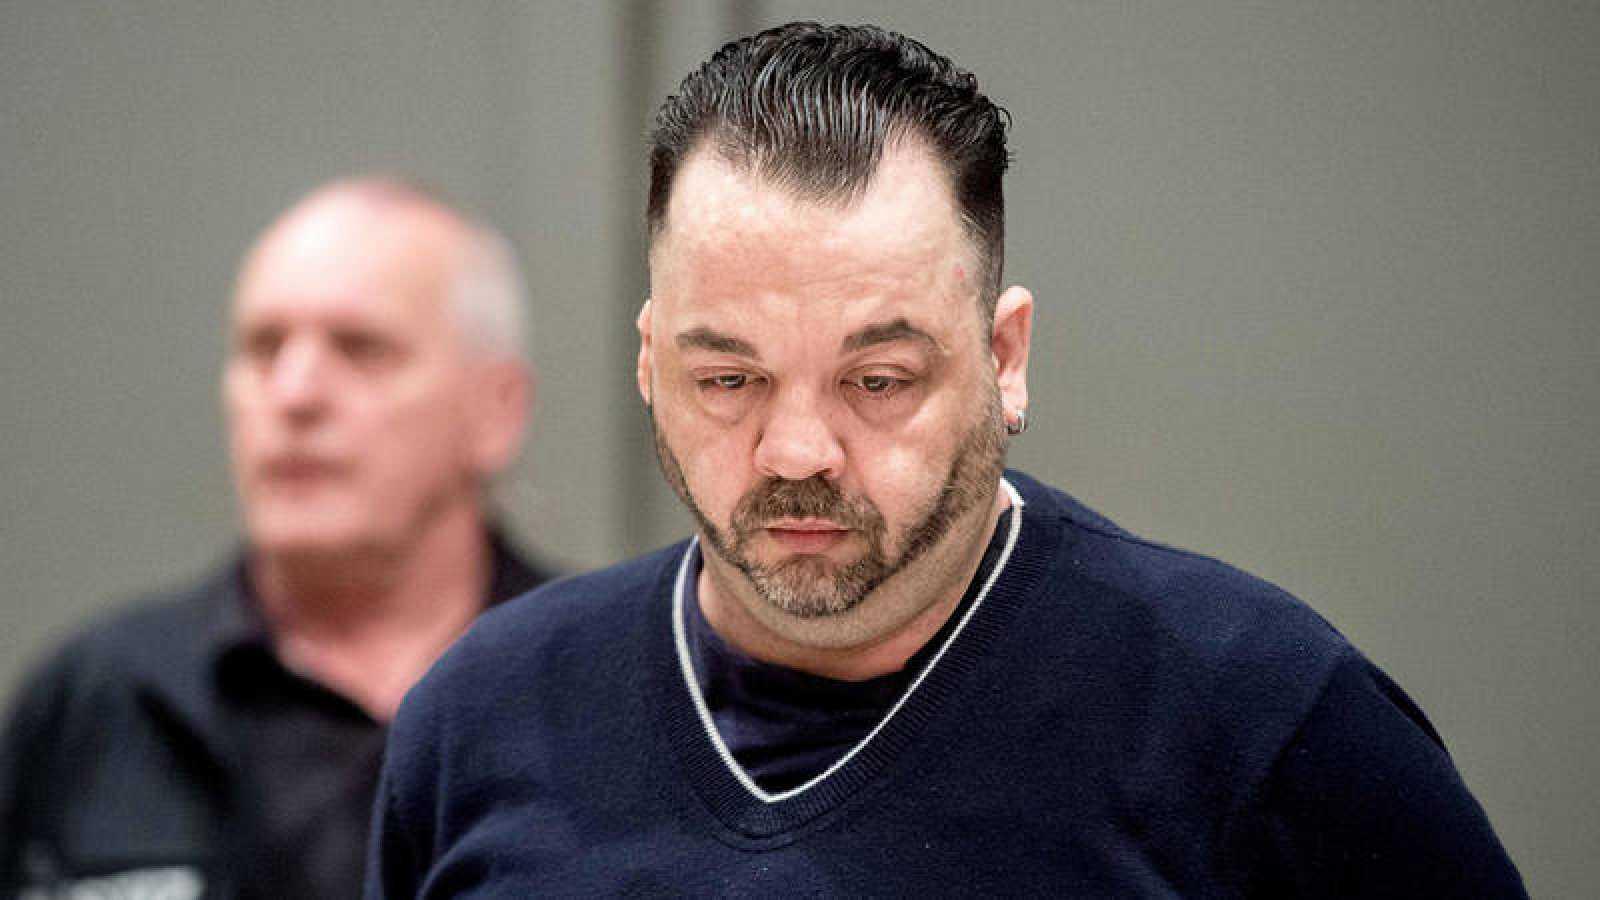 El enfermero alemán Niels Hoege, condenado a cadena perpetua por matar a 85 pacientes, escucha el veredicto en un tribunal de Odenburg. Foto: Hauke-Christian Dittrich / Afp